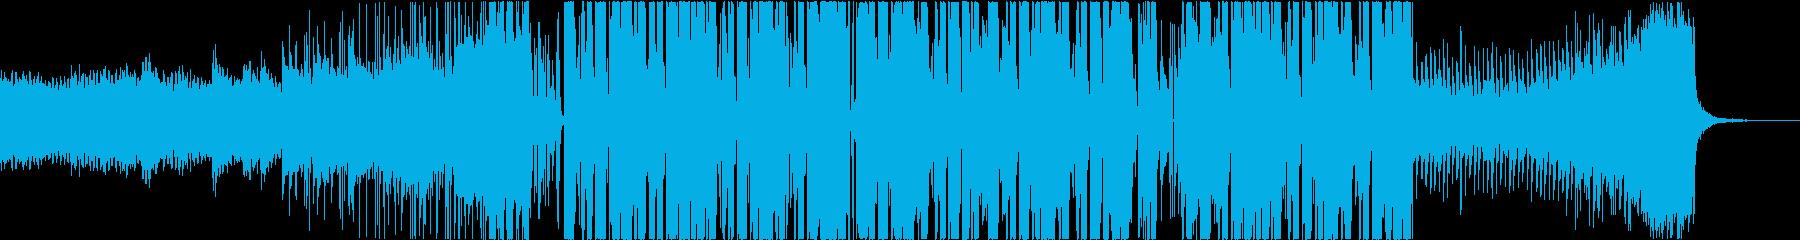 幻想的でキュートなフューチャーベースの再生済みの波形